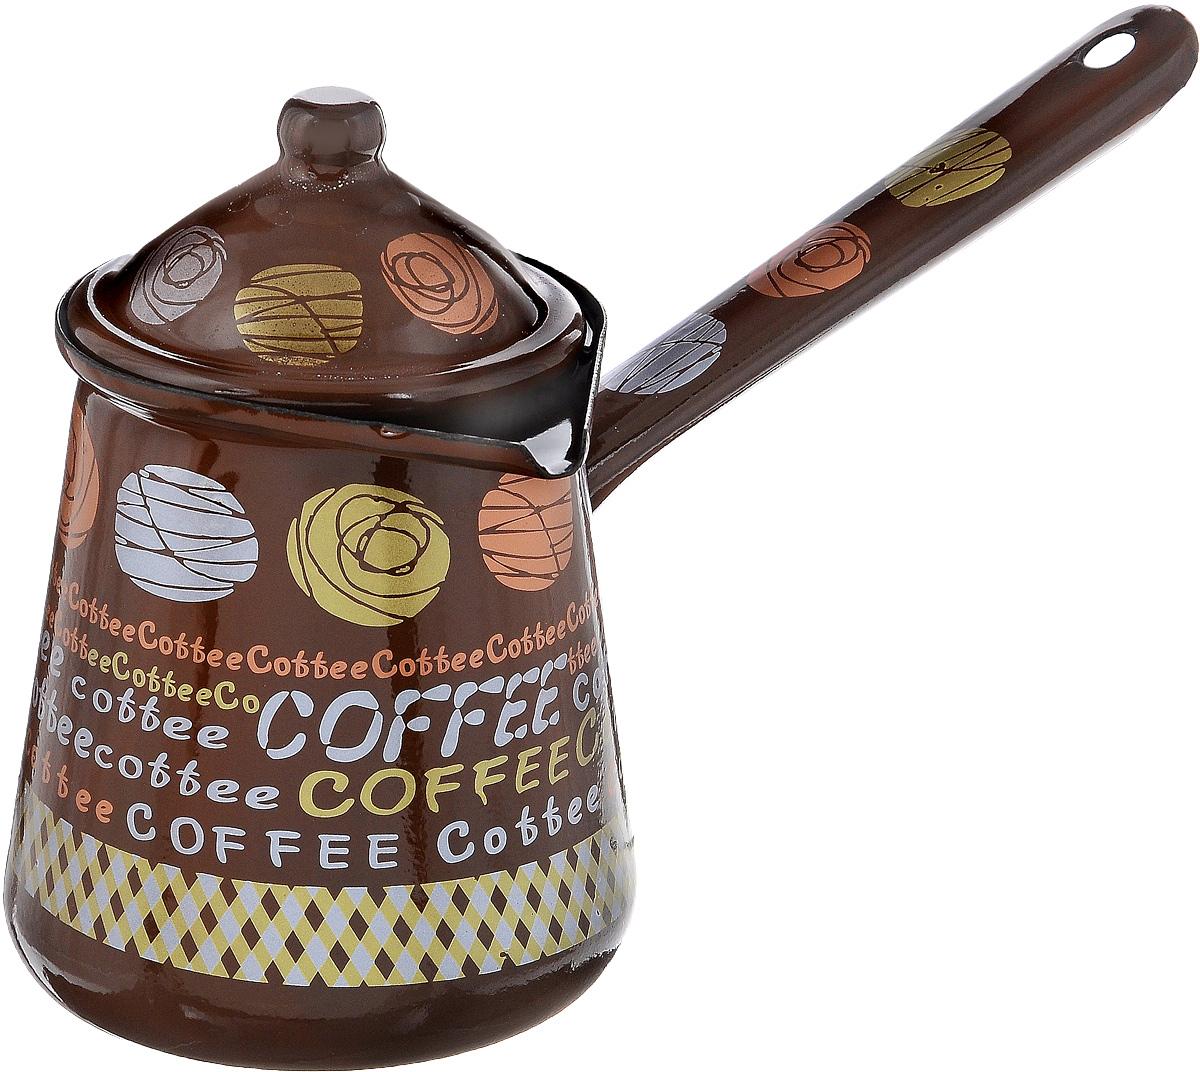 Турка Calve, с крышкой, цвет: коричневый, 700 мл391602Турка Calve, изготовленная из высококачественной стали, предназначена для приготовления кофе. Внешние стенки турки оформлены изящным рисунком с изображением надписей Coffe. Изделие имеет широкое горлышко,специальный носик и крышку. Рукоятка снабжена специальным отверстием, благодаря которому изделие можно подвесить на крючок. Кофе в турке варится очень просто. Насыпьте молотый кофе, залейте водой и варите на слабом огне, не доводя до кипения. Чем дольше кофе варить, тем крепче он становится. Подходит для всех видов плит, включая индукционные. Диаметр турки (по верхнему краю): 9,5 см. Длина ручки: 14,5 см.Высота стенки: 12,5 см.